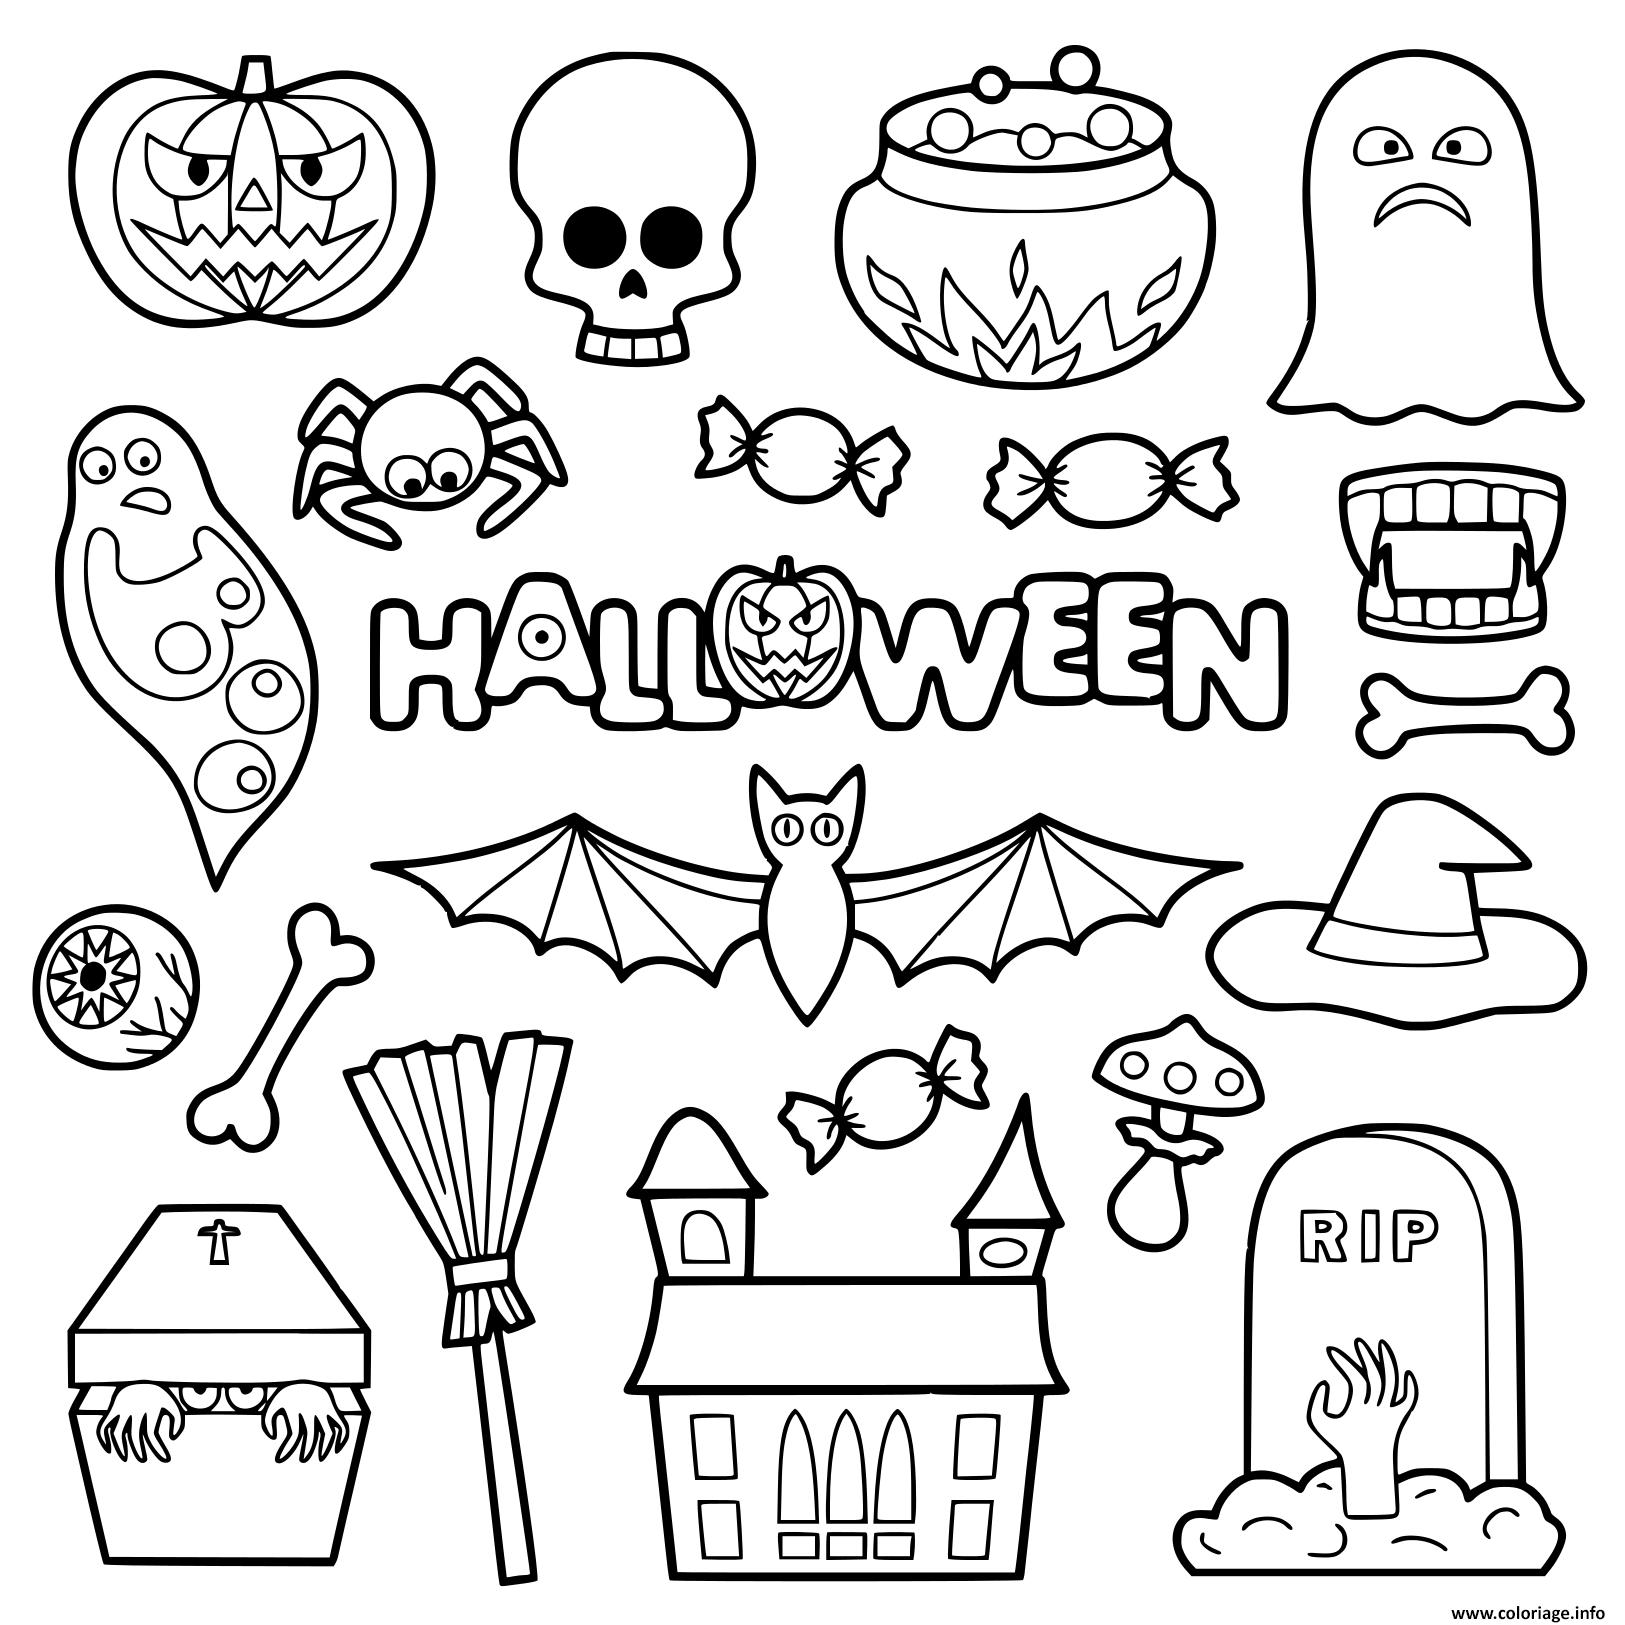 Dessin halloween objets pour enfants Coloriage Gratuit à Imprimer